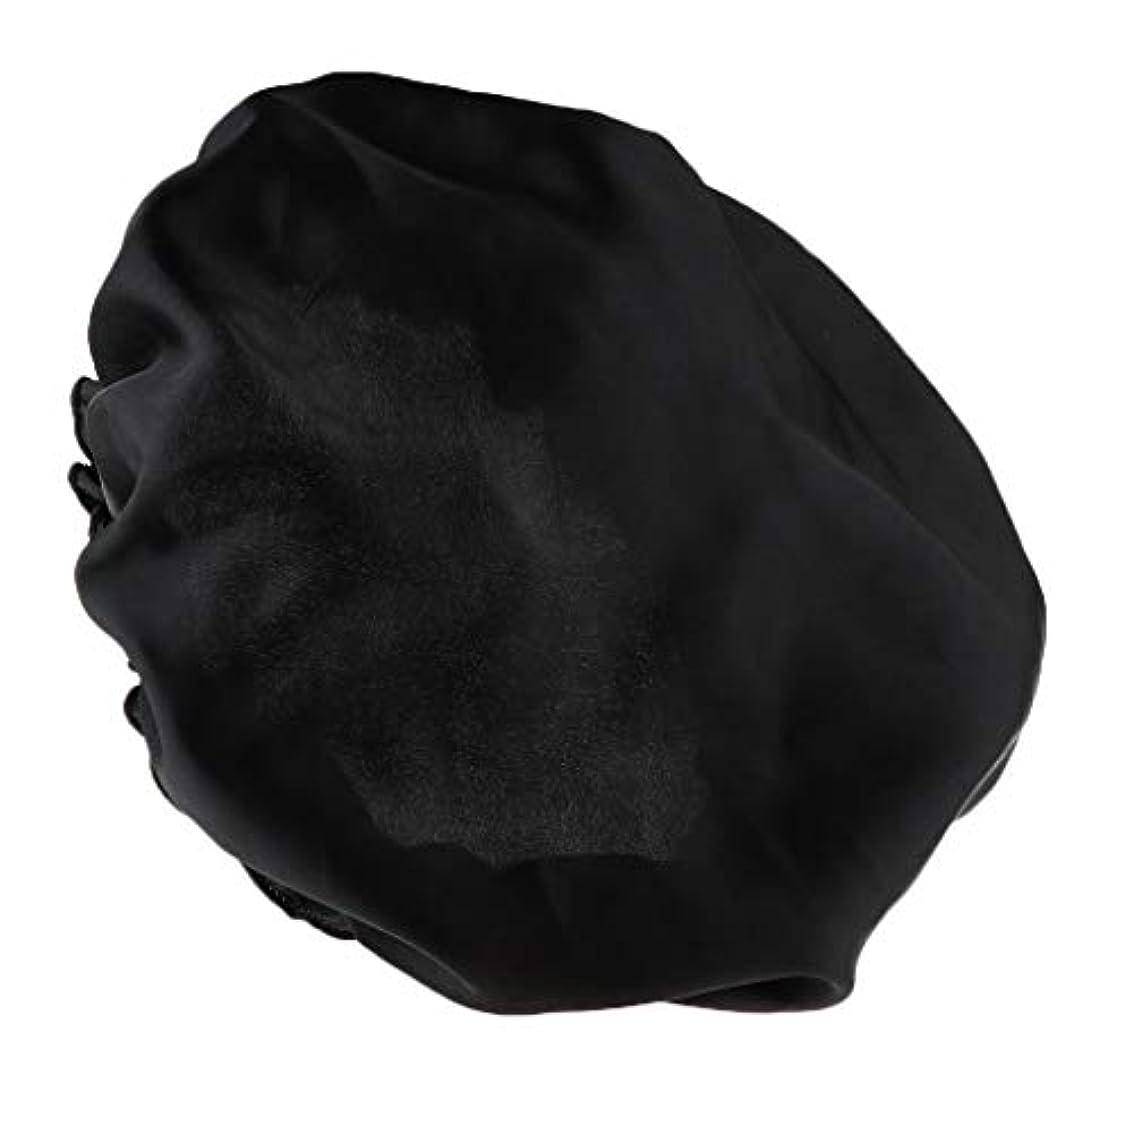 石油明確に葬儀シャワーキャップ シルクサテンキャップ シルクサテン帽子 美容ヘッドカバー 浴用帽子 全8色 - ブラック